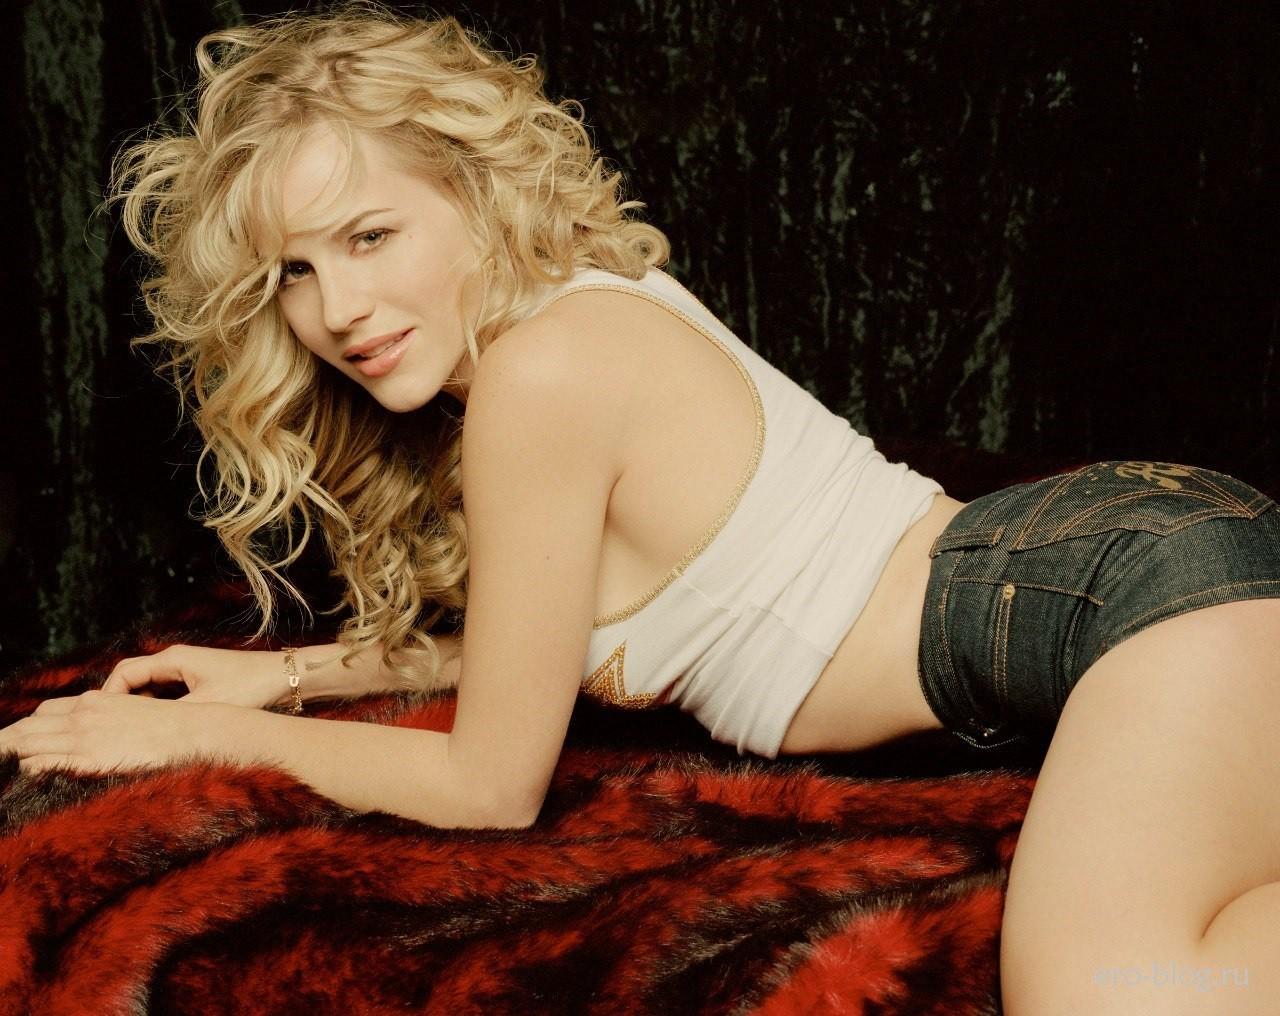 Голая обнаженная Julie Benz | Джули Бенз интимные фото звезды